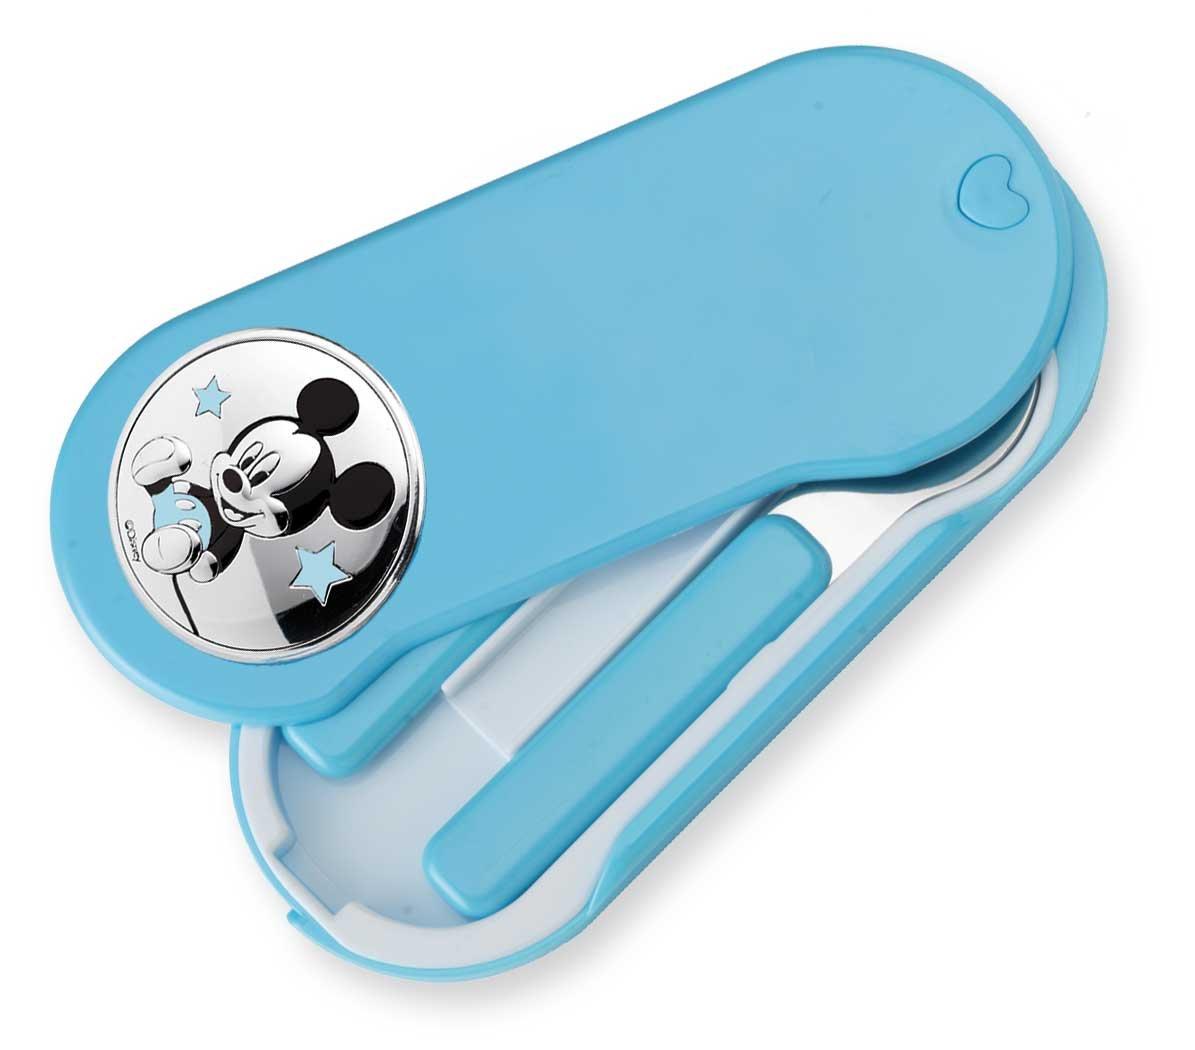 Met/álicos con detalles en plata Regalo para beb/és y ni/ños peque/ños Mickey Mouse Ideal para papillas Set de cubiertos infantiles para viaje Disney Baby